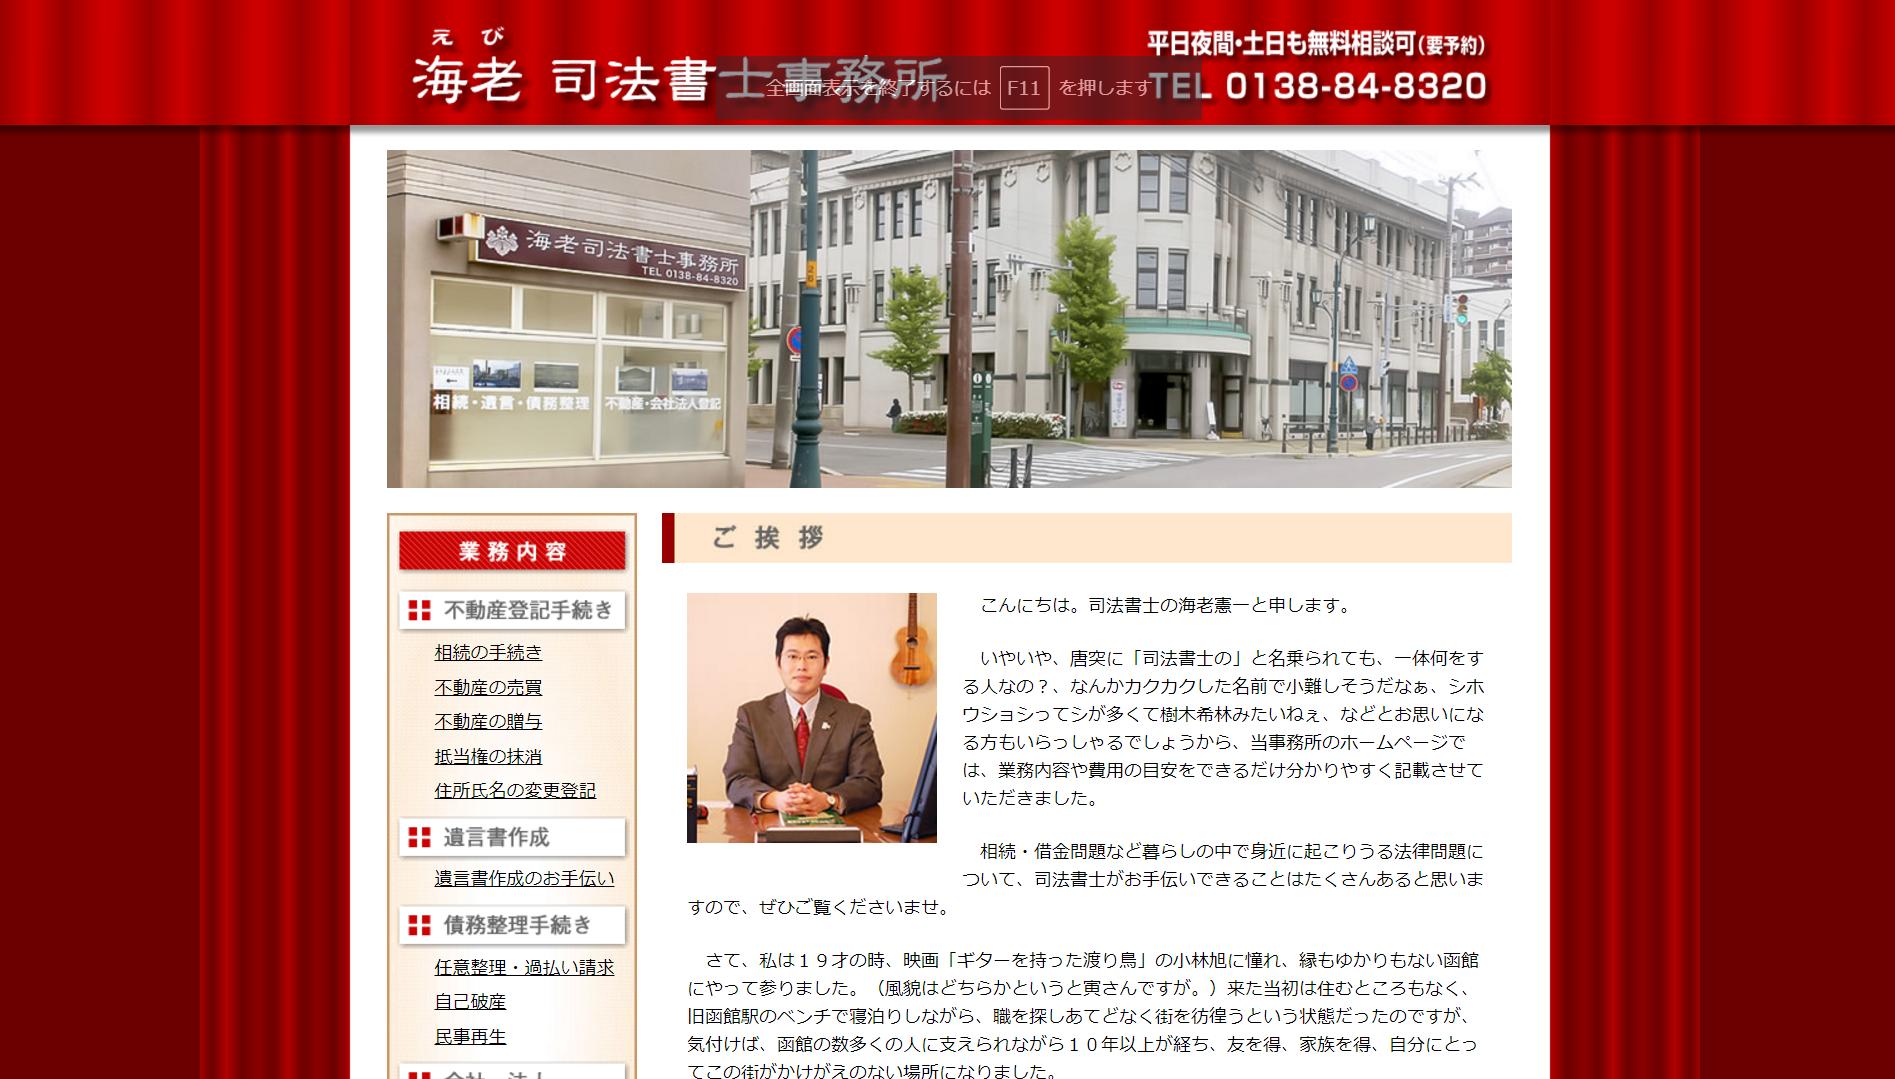 海老司法書士事務所(北海道函館市末広町)